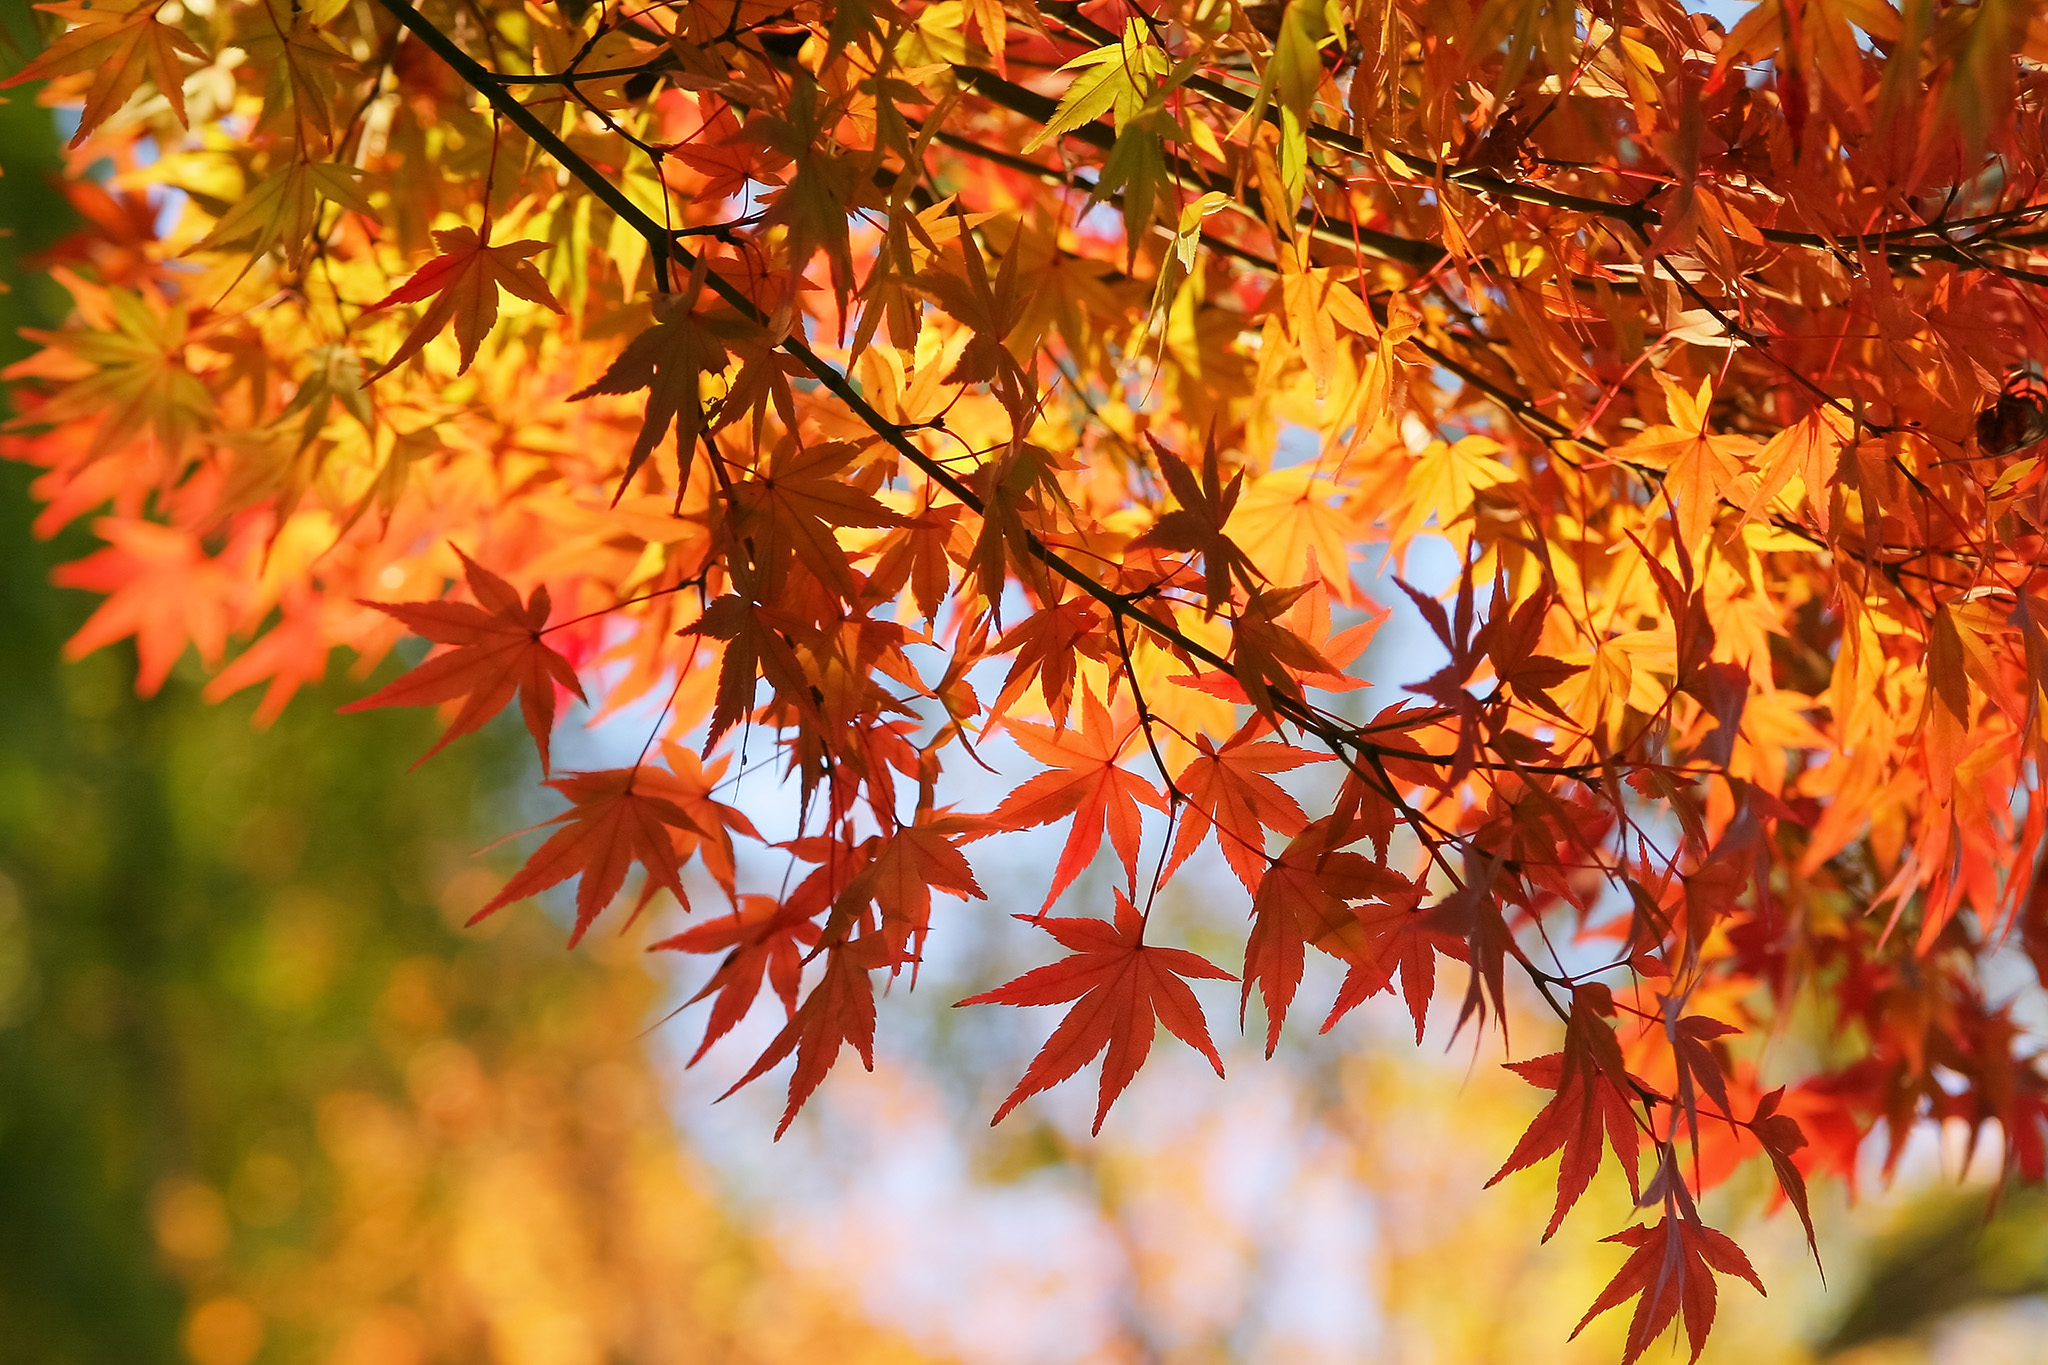 「秋の日光に煌めく紅葉」